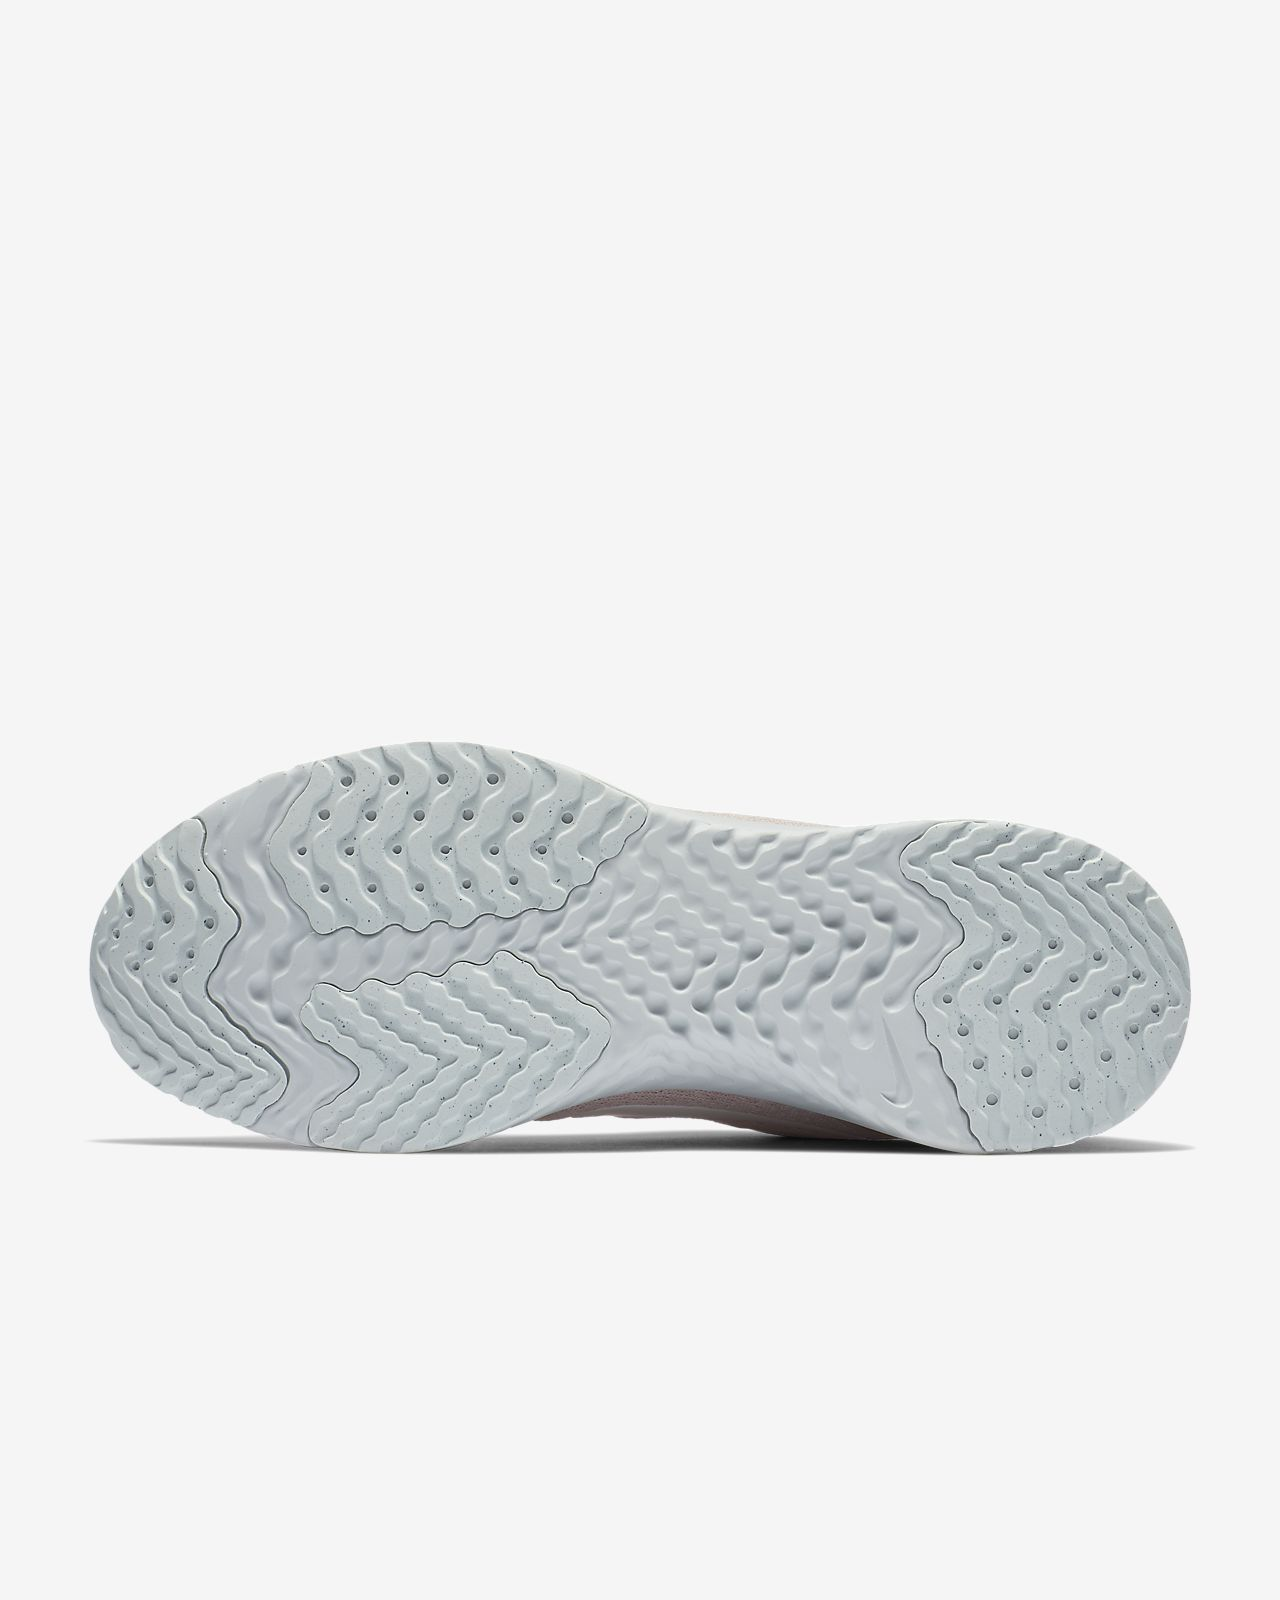 9924ea5b9f1f รองเท้าวิ่งผู้หญิง Nike Odyssey React. Nike.com TH